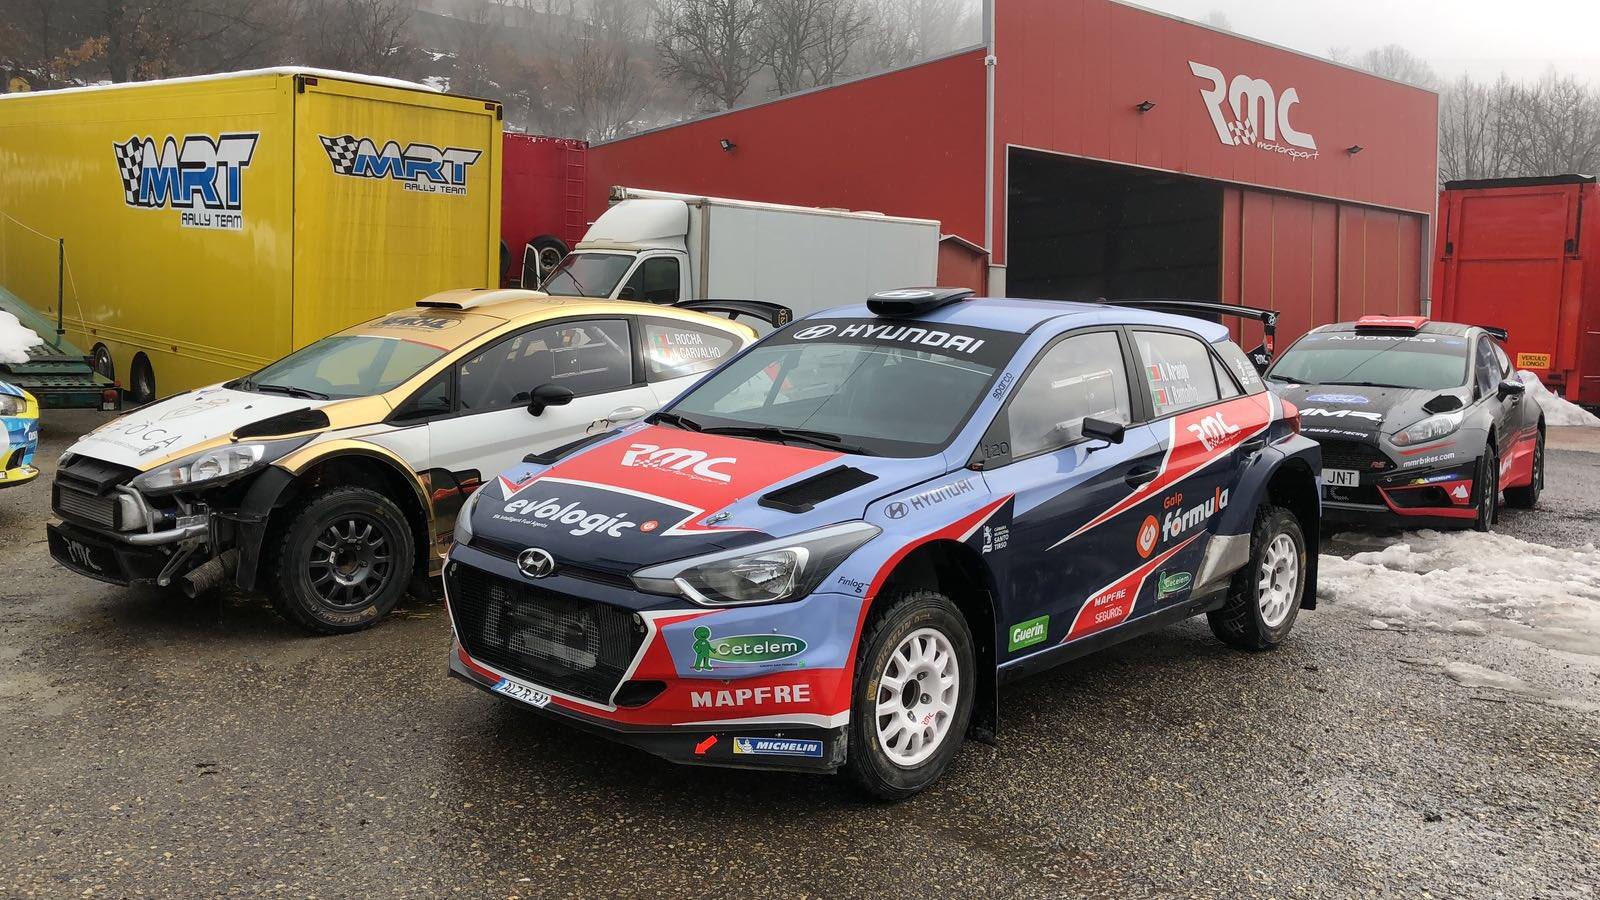 Nacionales de Rallyes Europeos(y no Europeos) 2018: Información y novedades - Página 4 DWEyuKtXUAAOm4W